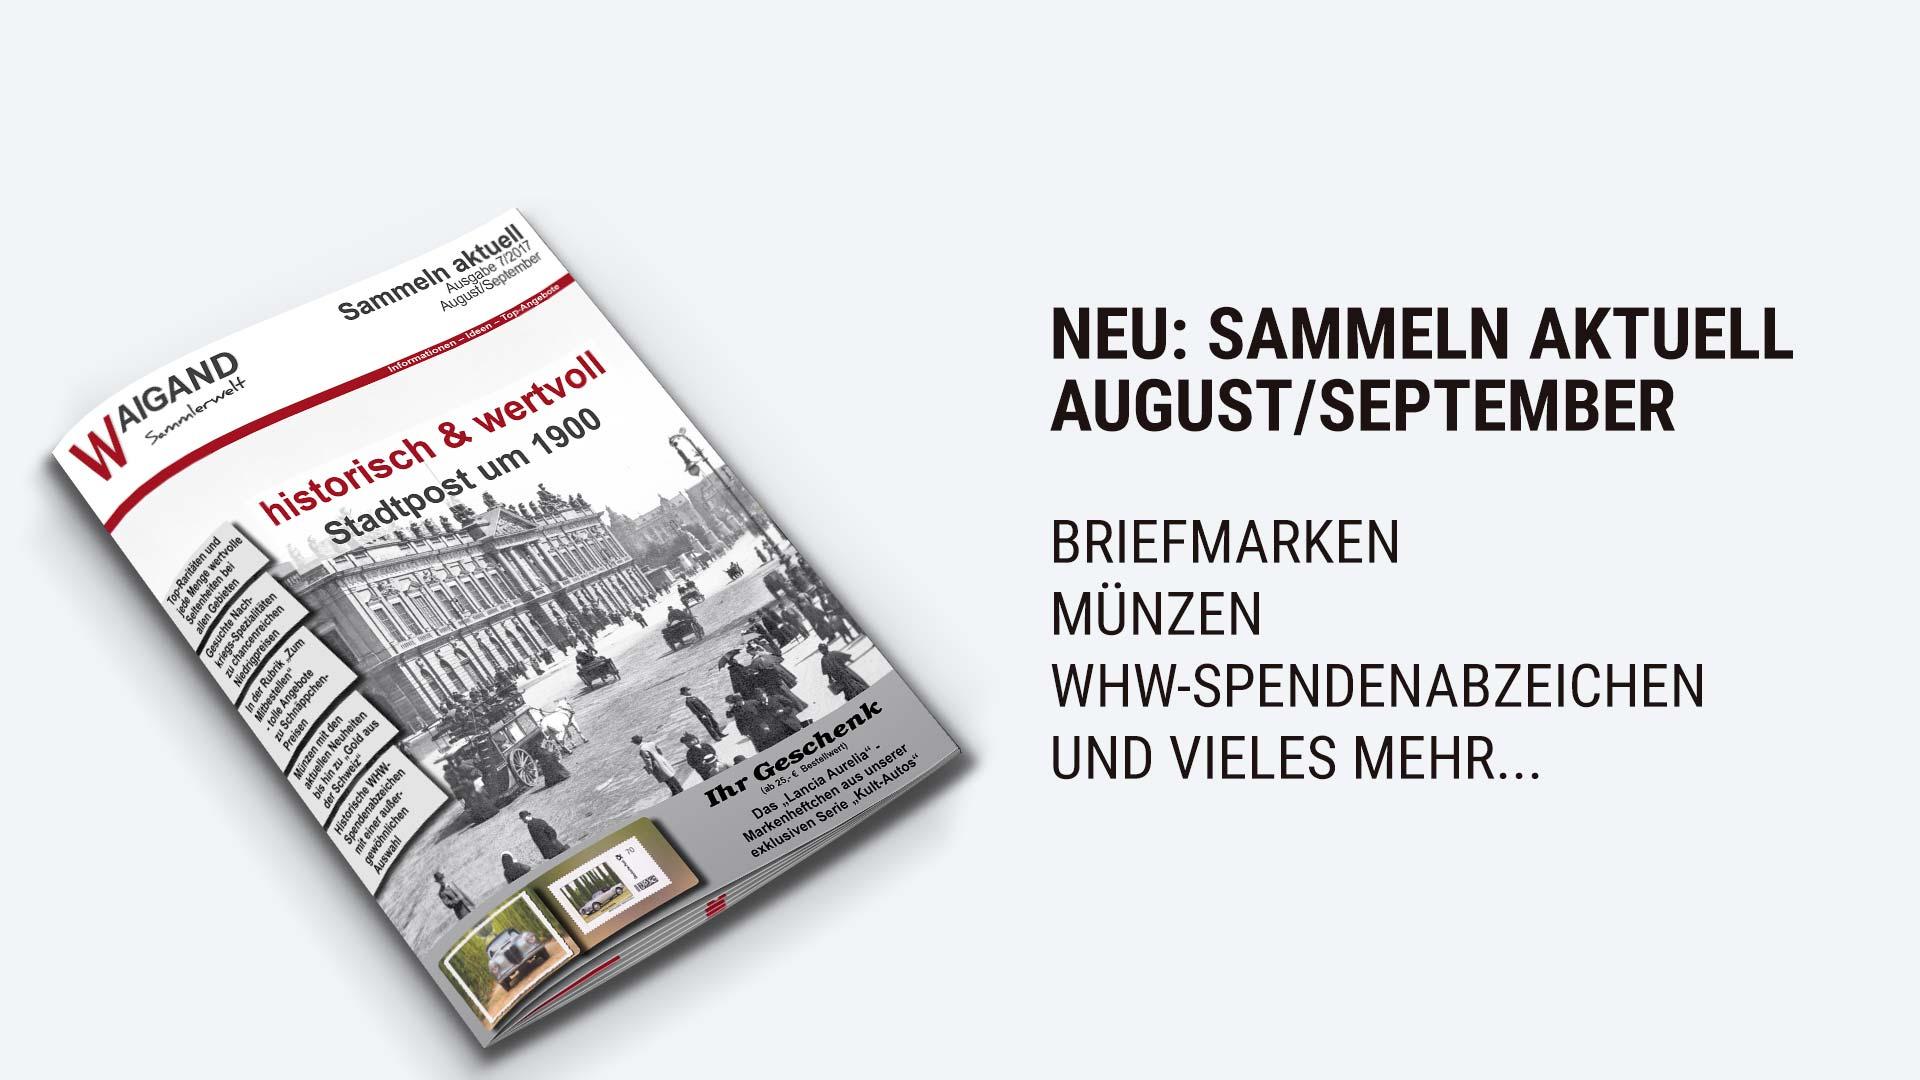 Neuer briefmarken katalog 2017 august september waigand for Neuer weltbild katalog